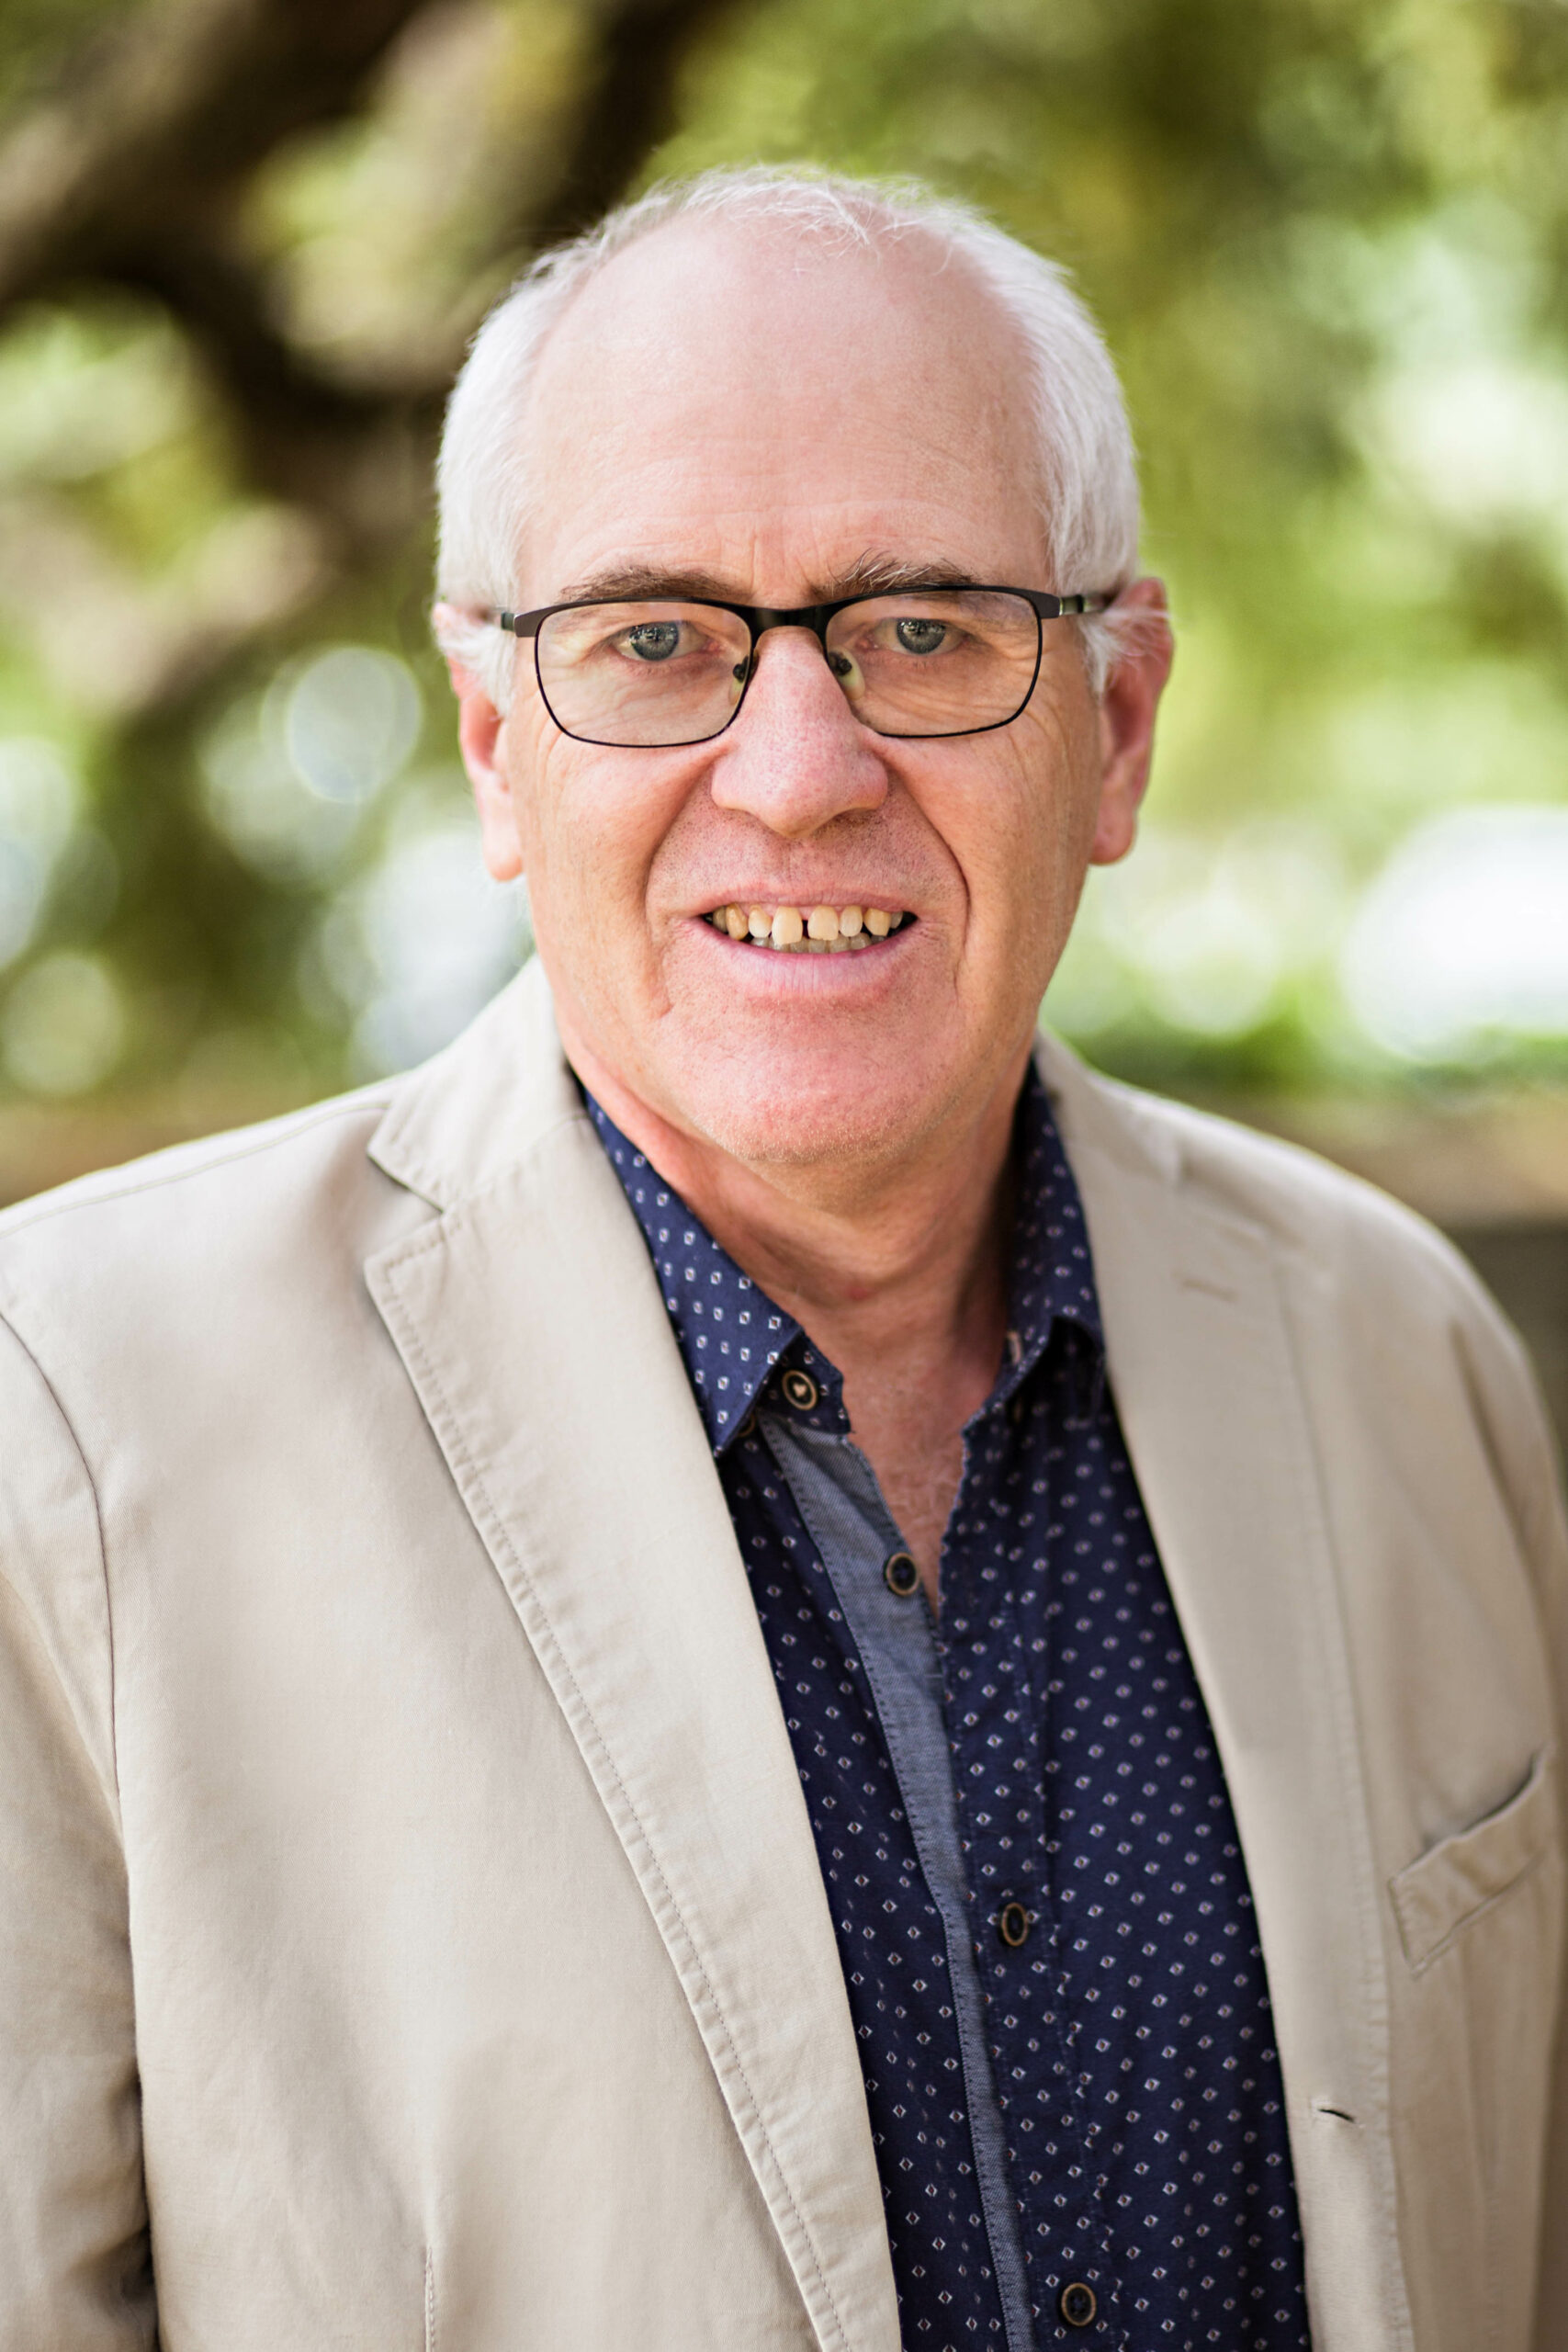 Andreas Straßner